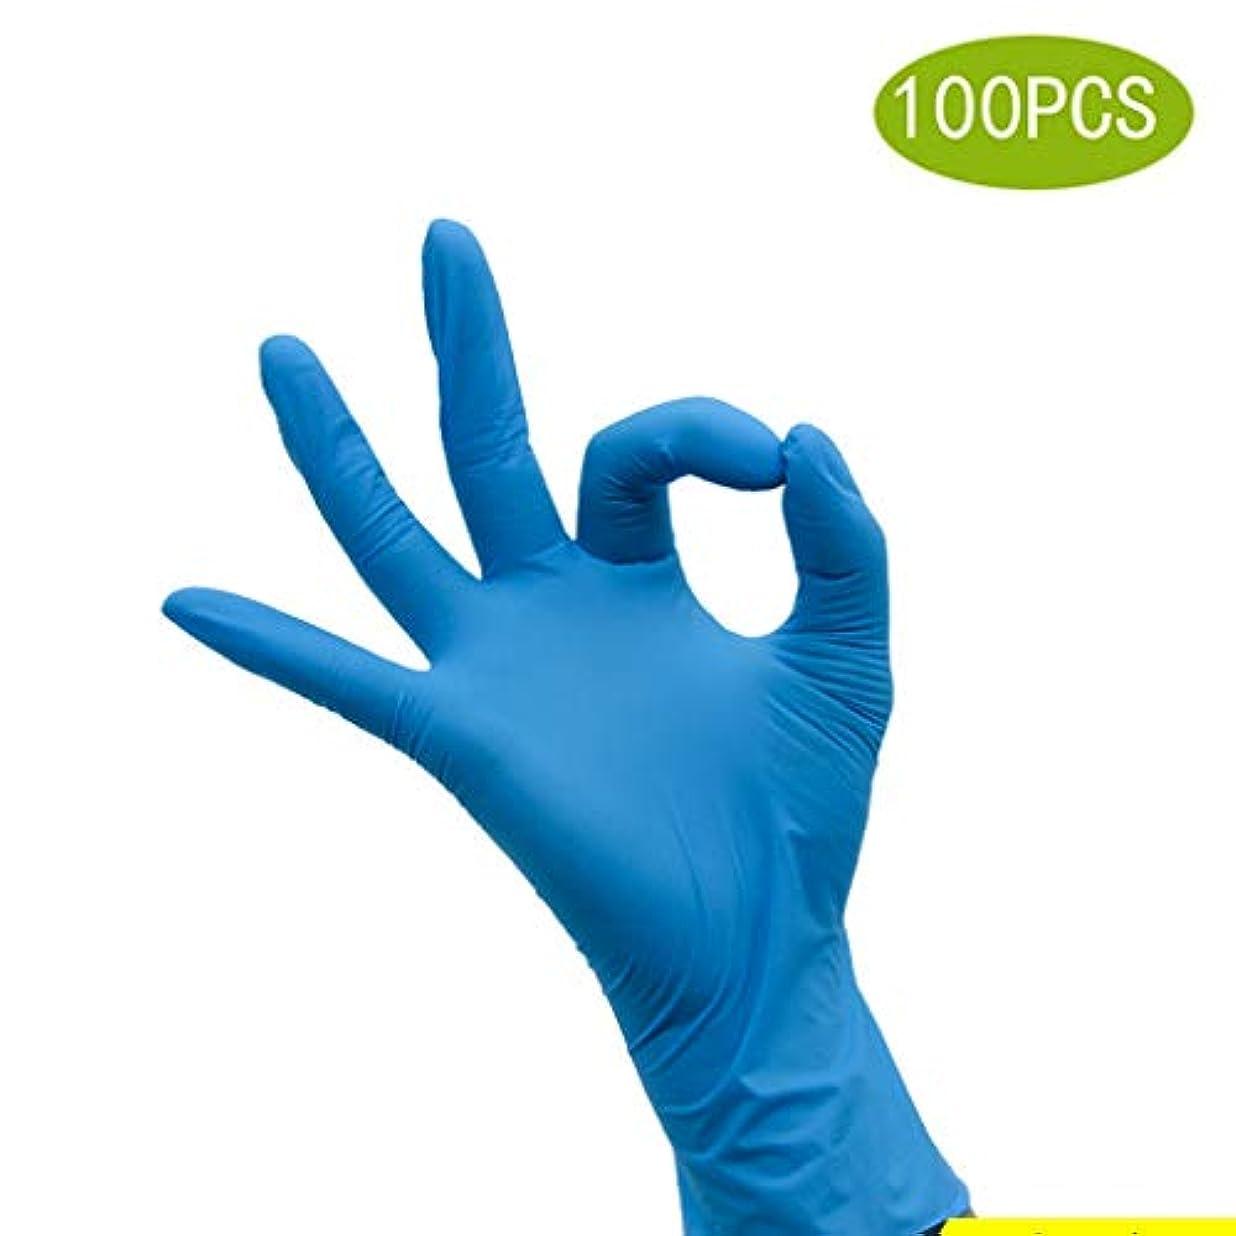 混乱に向けて出発手術使い捨て手袋食品ケータリング手術丁清ゴムラテックススキンキッチン厚い試験ケータリング美容実験、使い捨て手袋ディスペンサー[100個] (Color : Blue, Size : L)